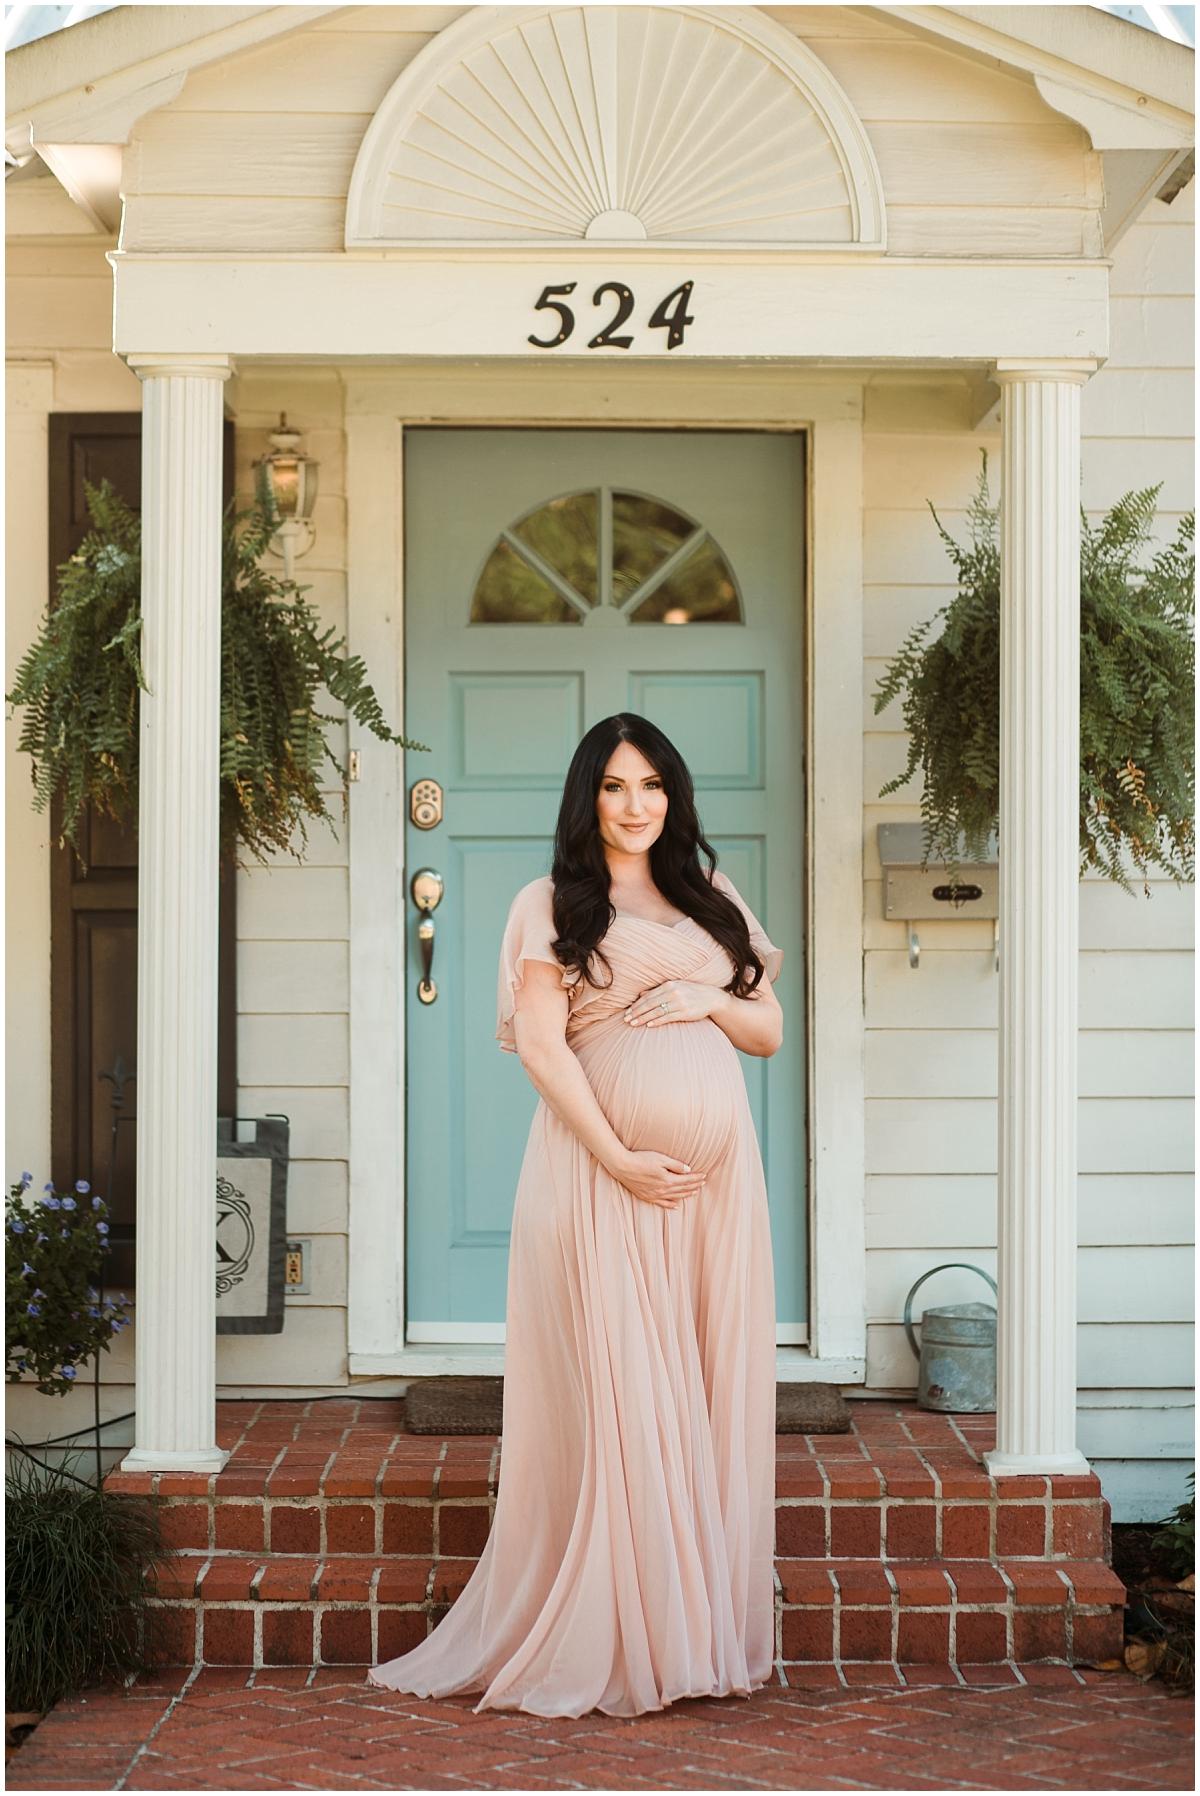 lafayette-louisiana-maternity-session-5.jpg